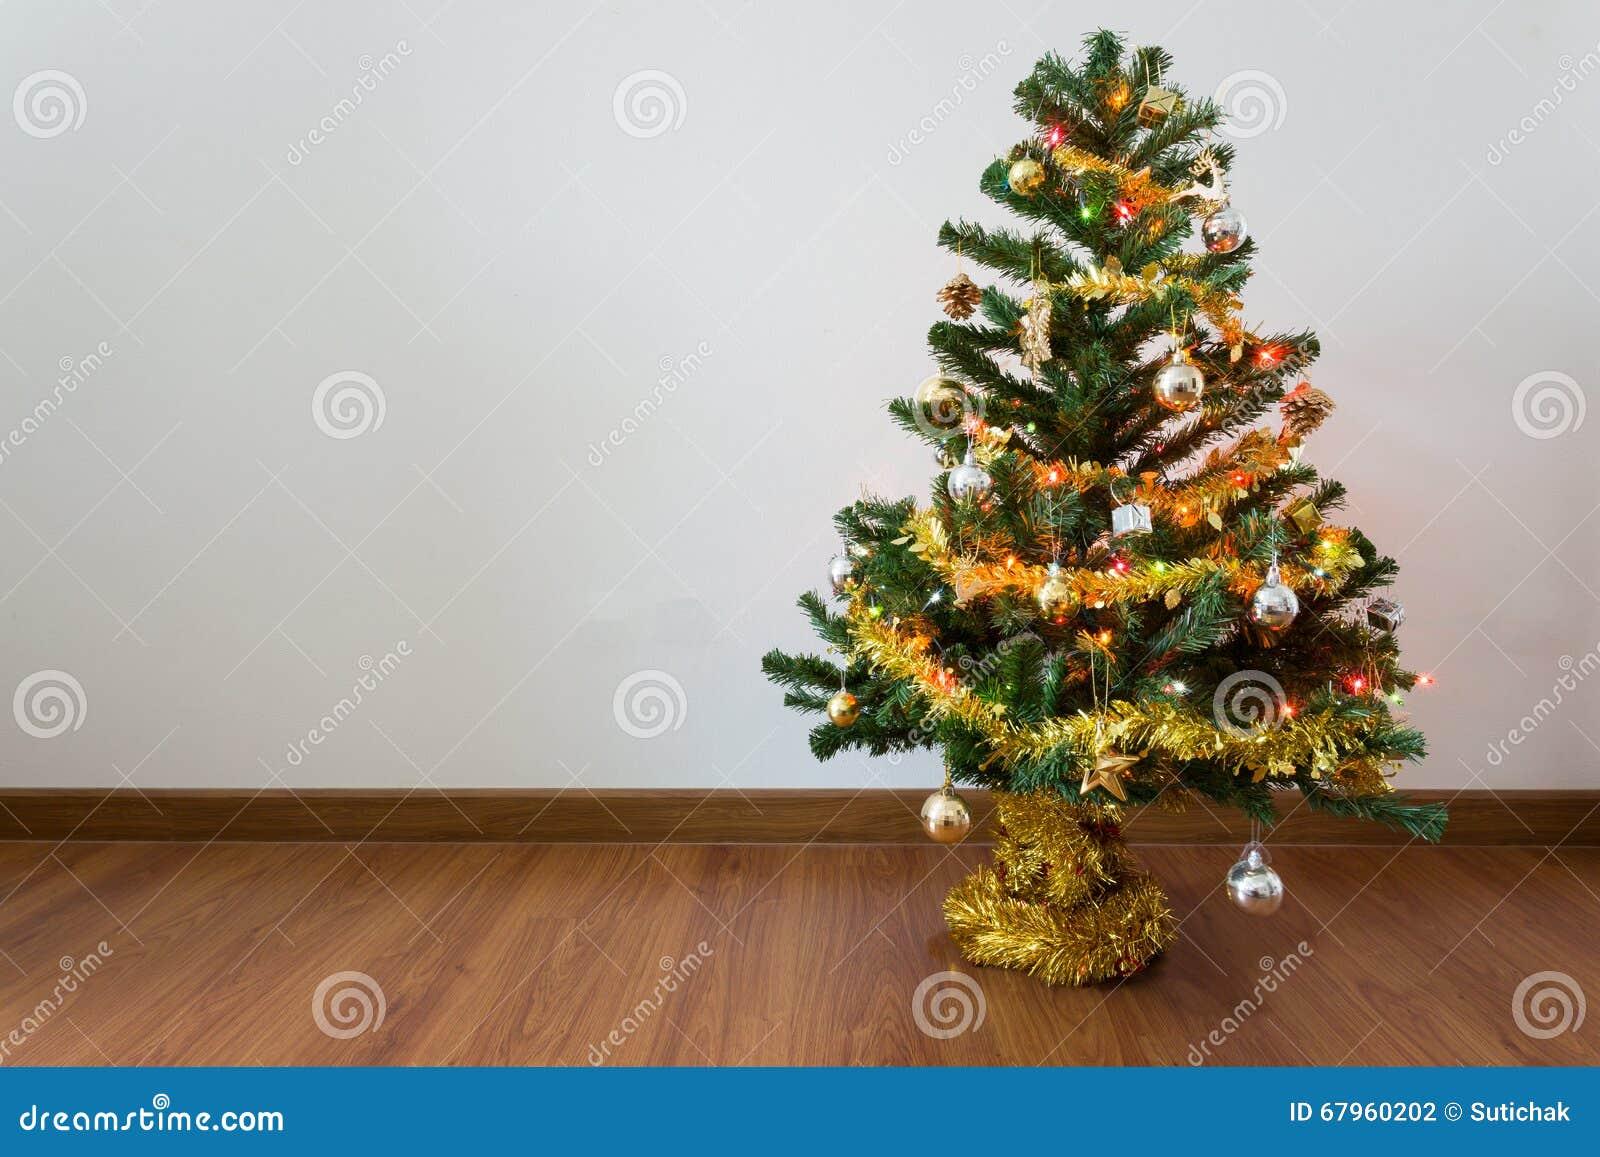 Alberi Di Natale In Legno Da Appendere : Decorazione dell albero di natale nella stanza vuota con la parete